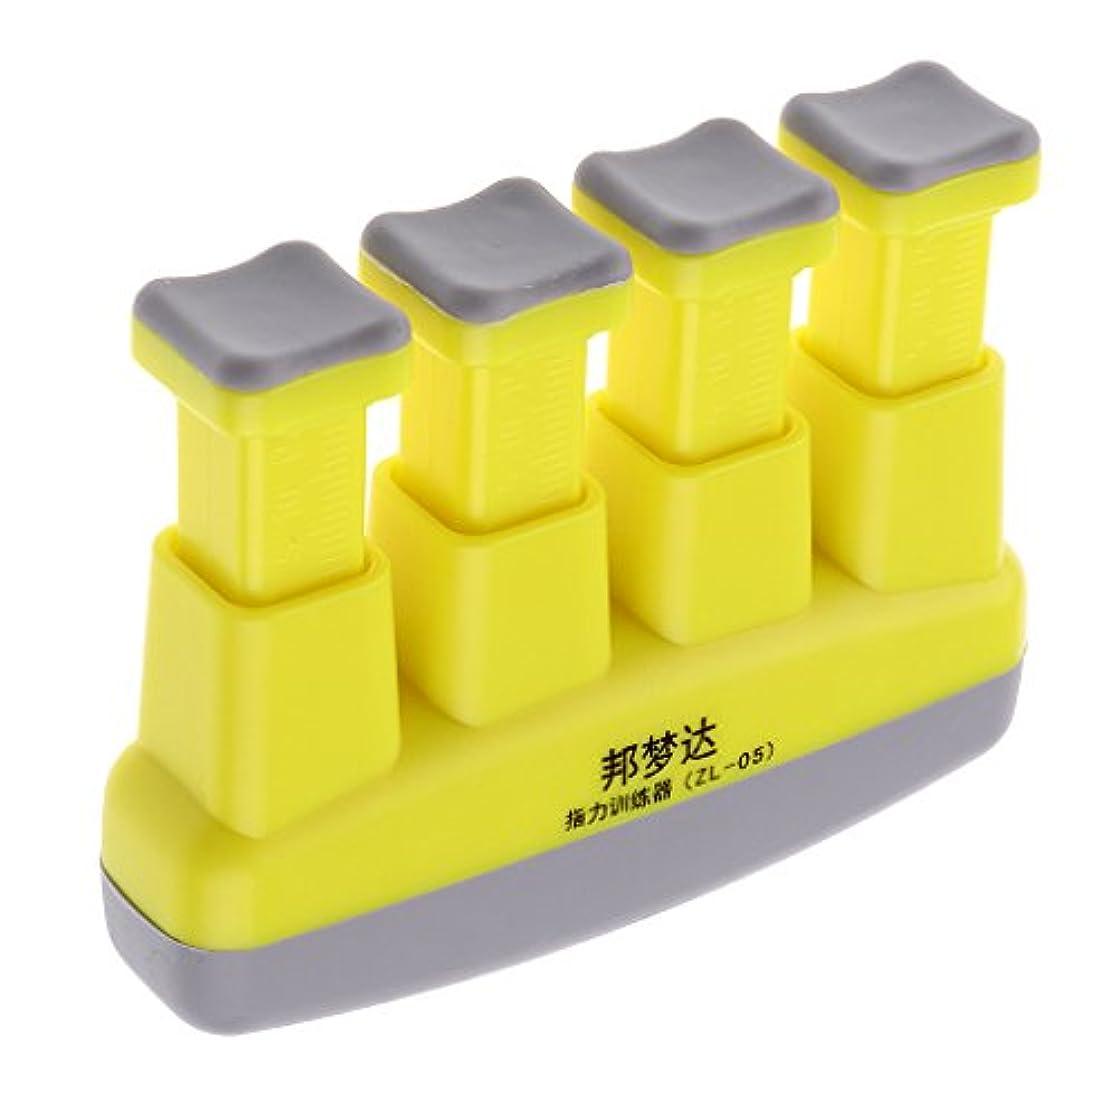 突撃第活気づけるKesoto ハンドグリップ エクササイザ 4-6ポンド 調節可 ハンド 手首 腕 グリップ グリッパー 黄色 ABS +シリコン